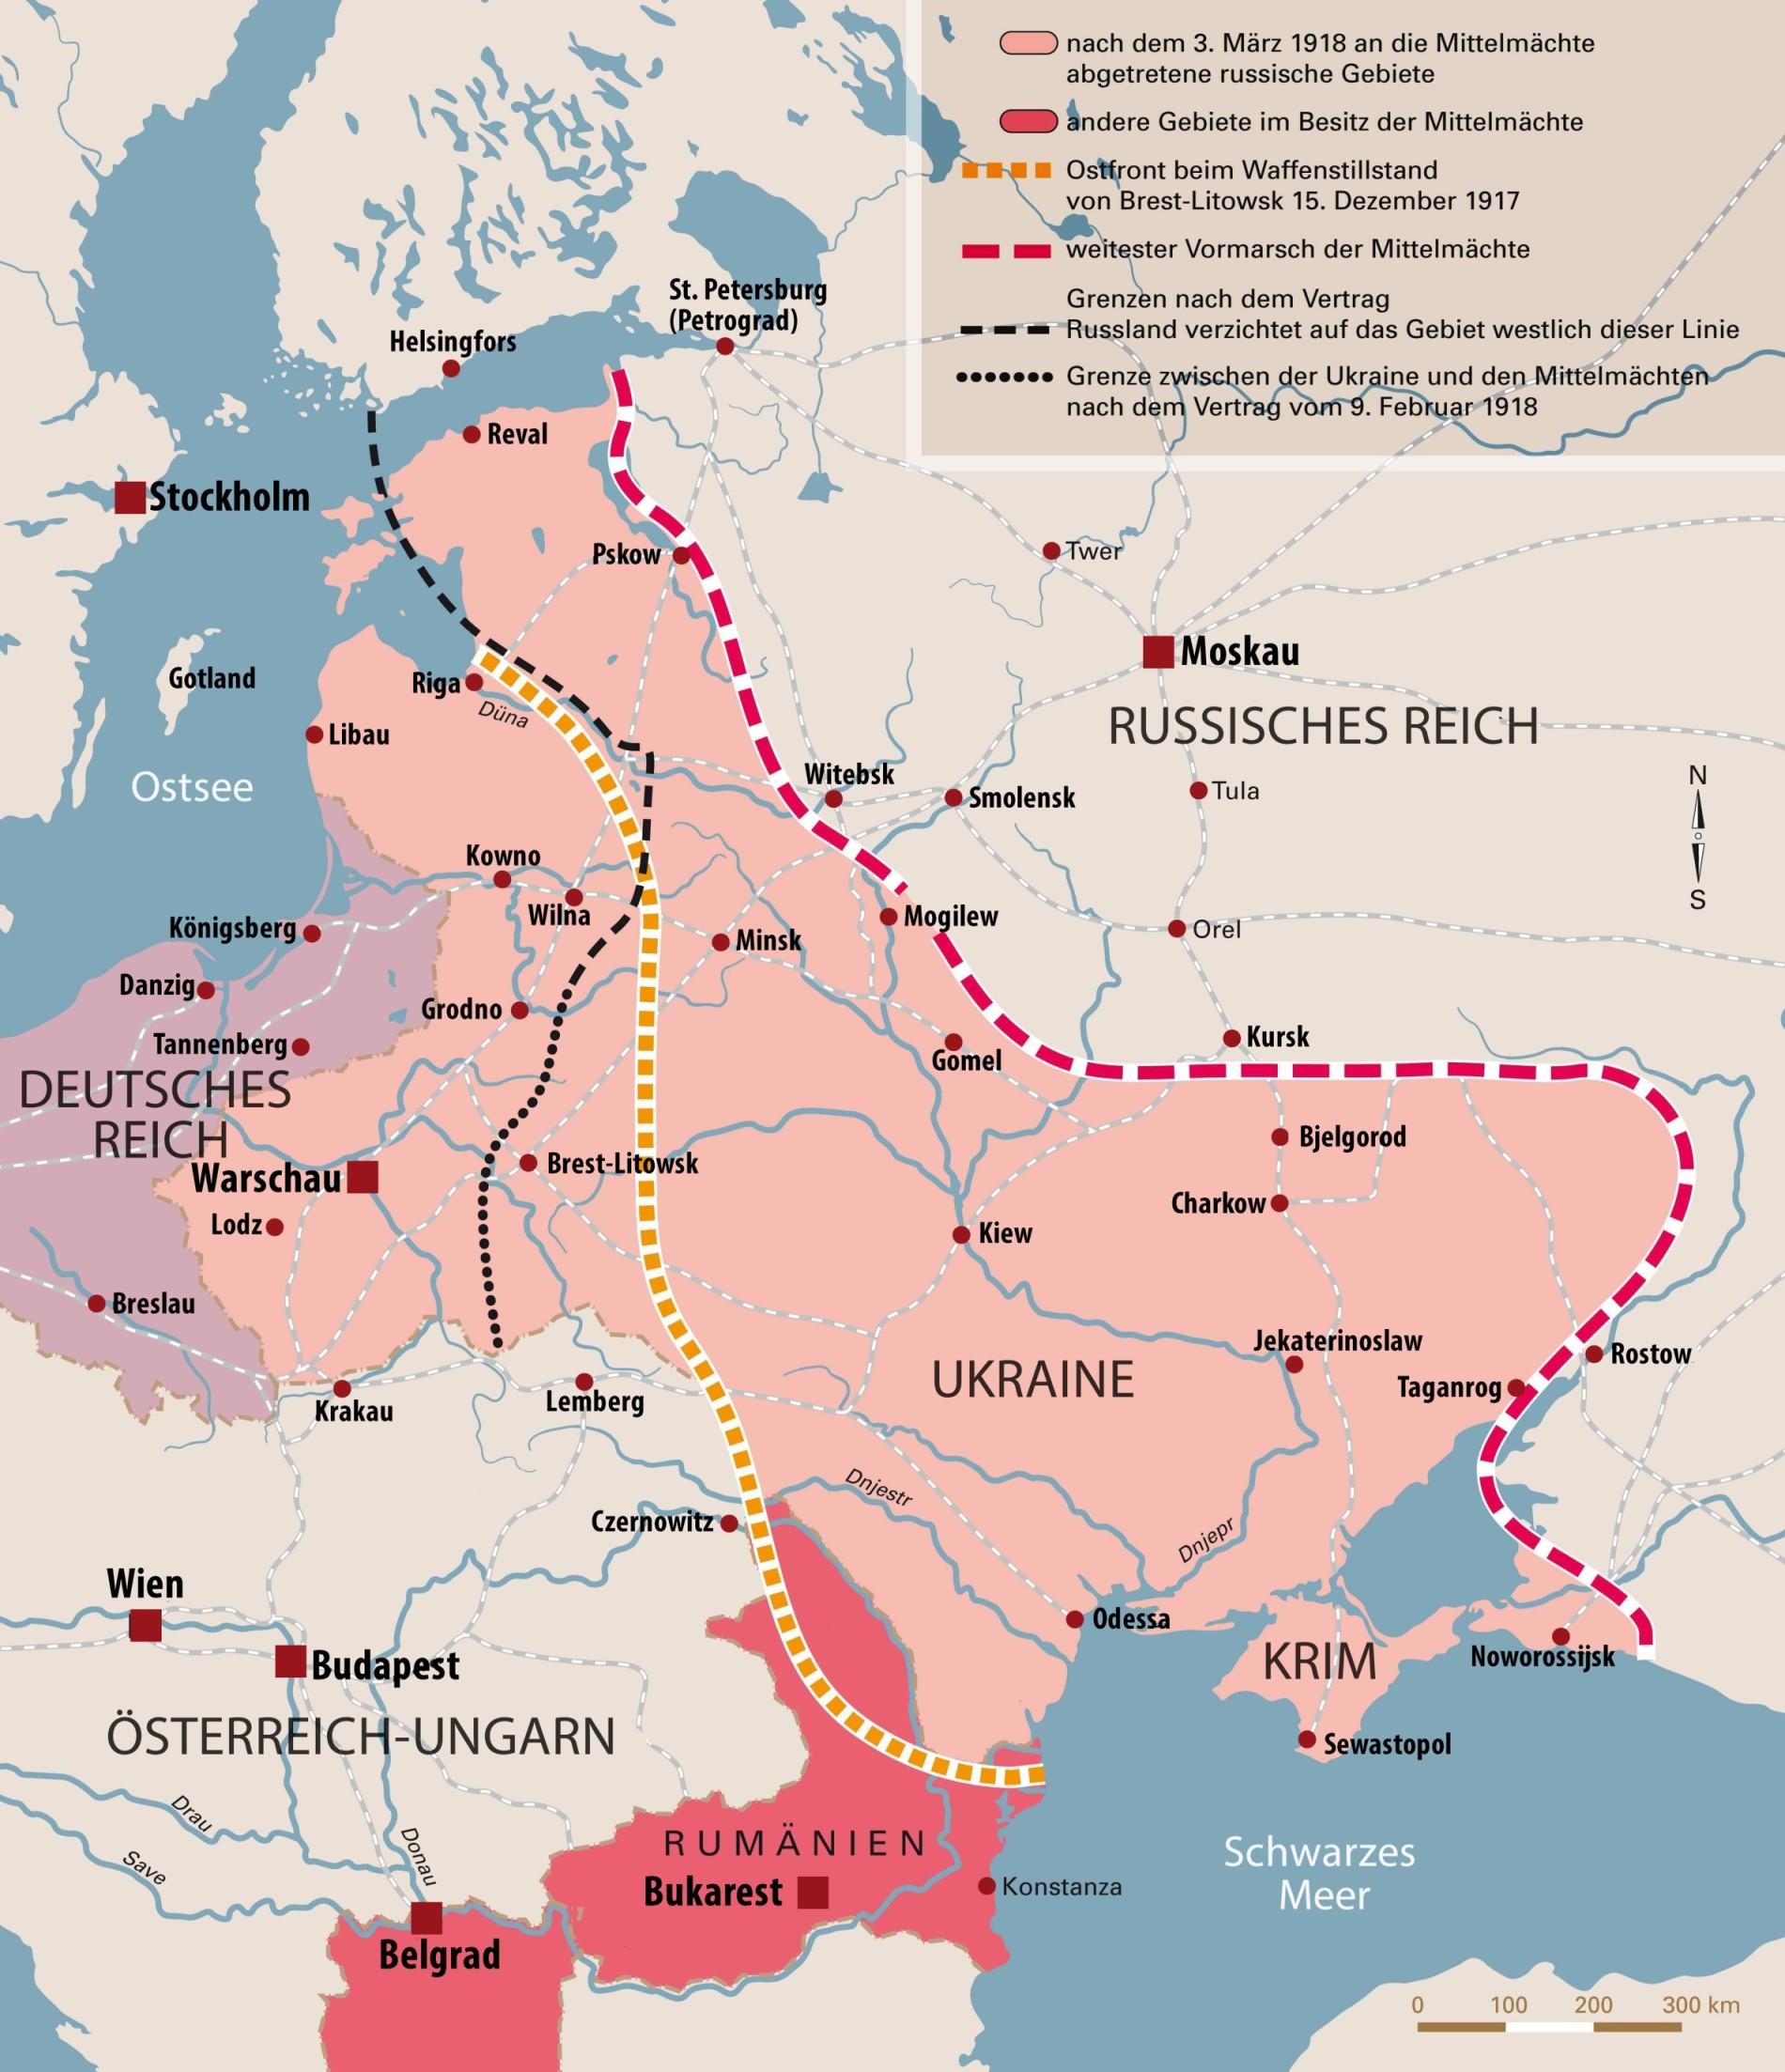 Karte Deutsches Reich 1914.Erster Weltkrieg Von Brest Litowsk Zum Generalplan Ost